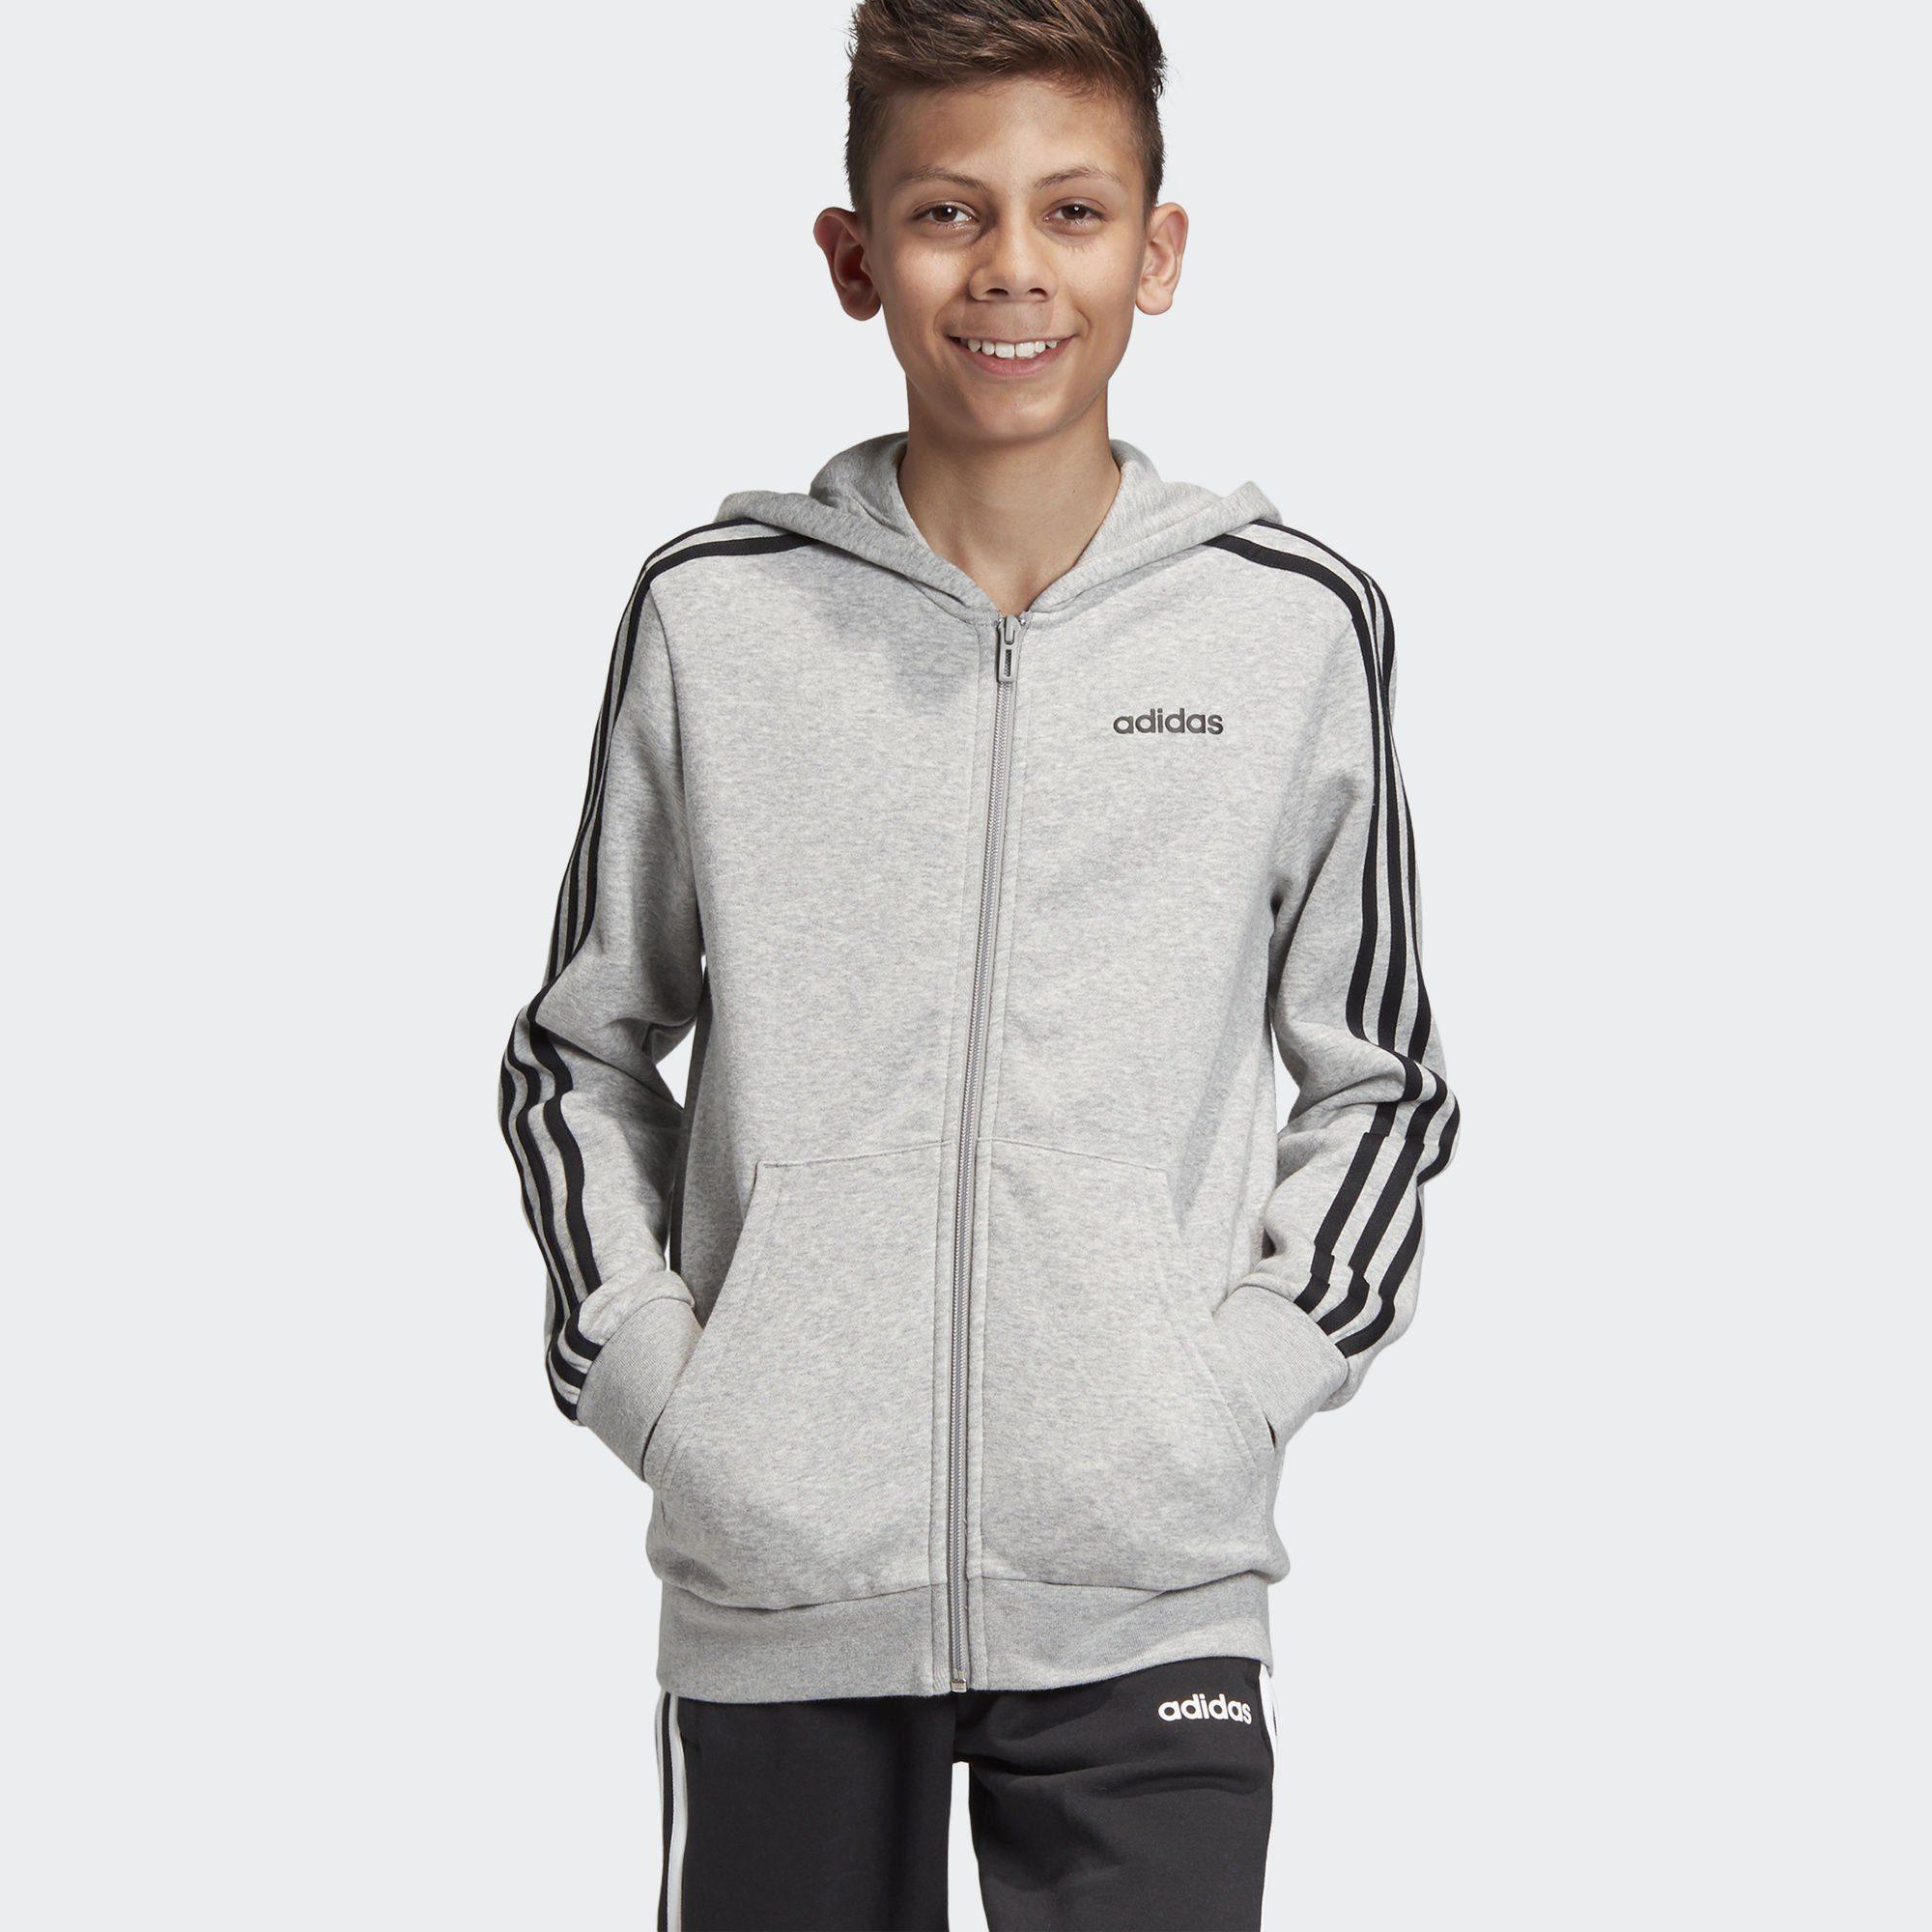 adidas Performance Sweatjacke »Essentials 3 Streifen Kapuzenjacke« Essentials online kaufen | OTTO